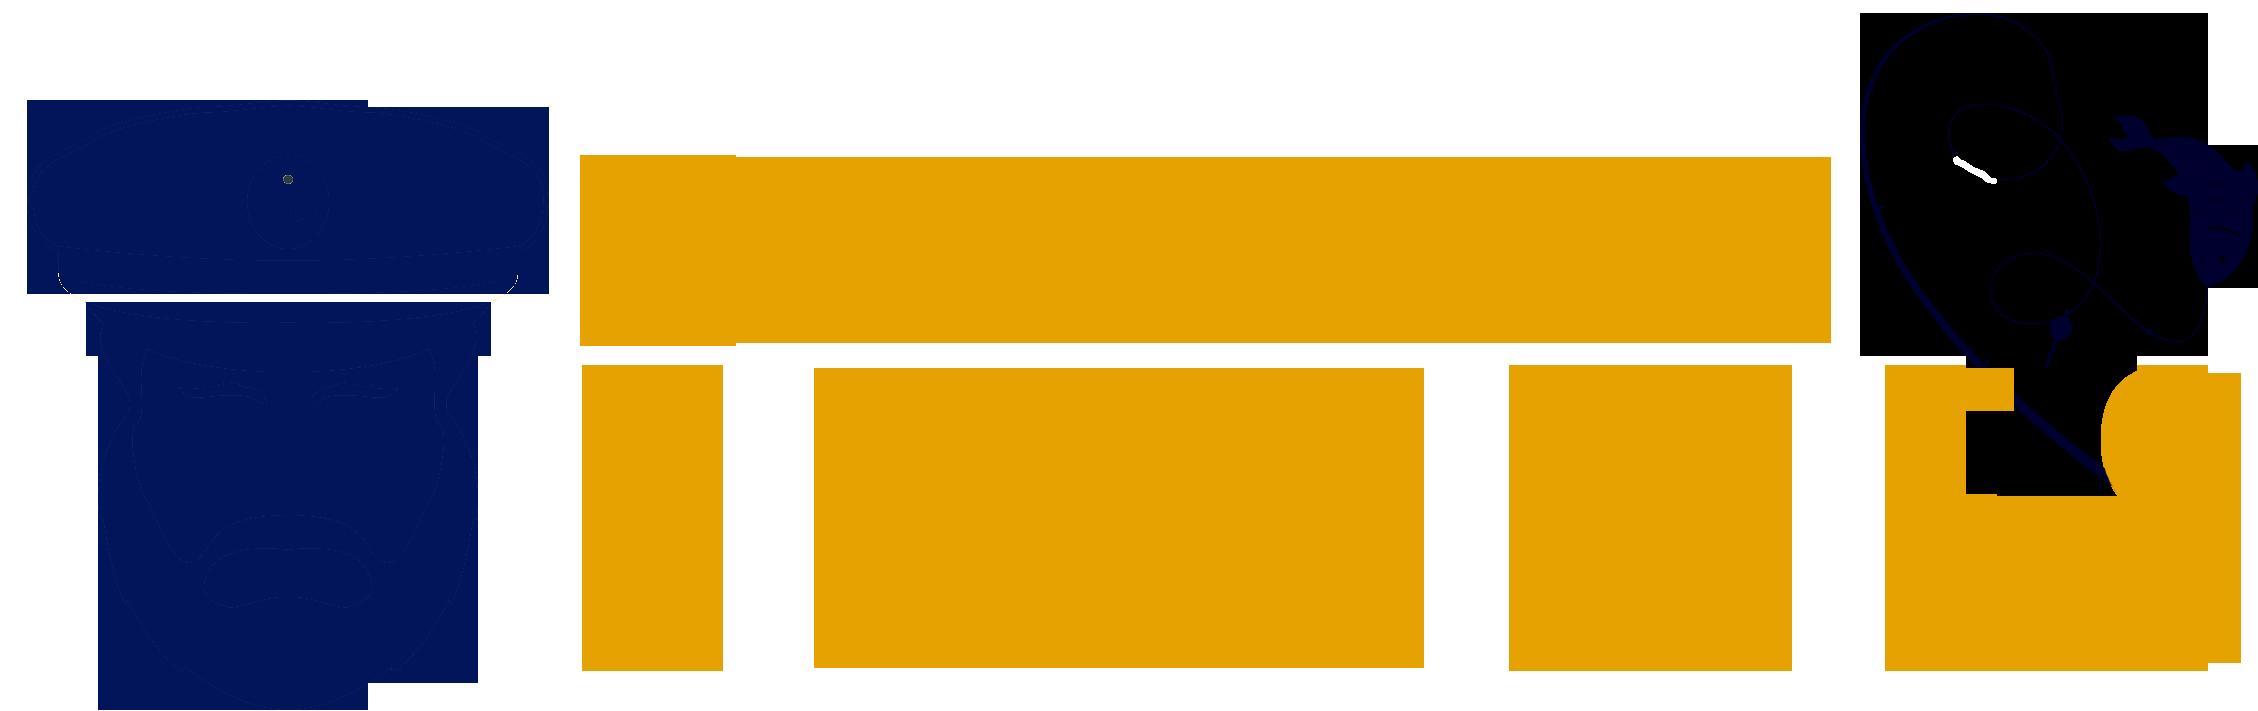 CaptainHeffsLogo.png